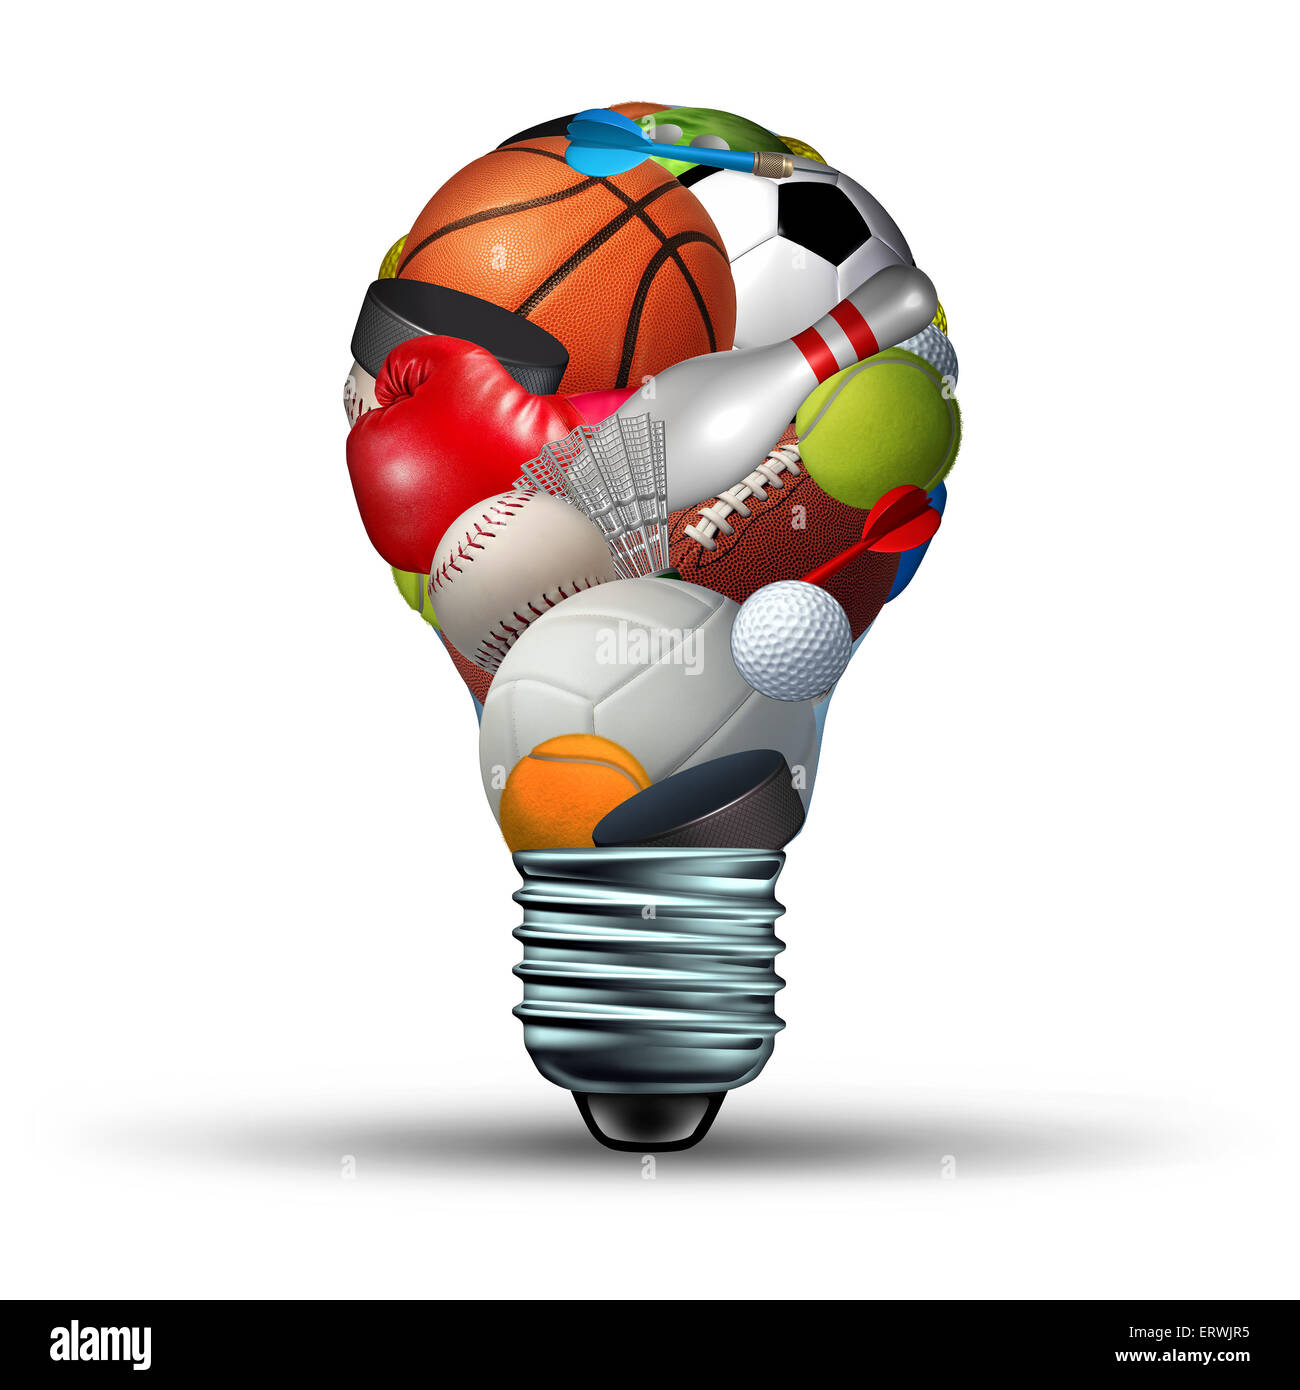 Actividad deportiva ideas concepto como una forma de bombilla sobre un fondo blanco, con deportes de equipo como Imagen De Stock